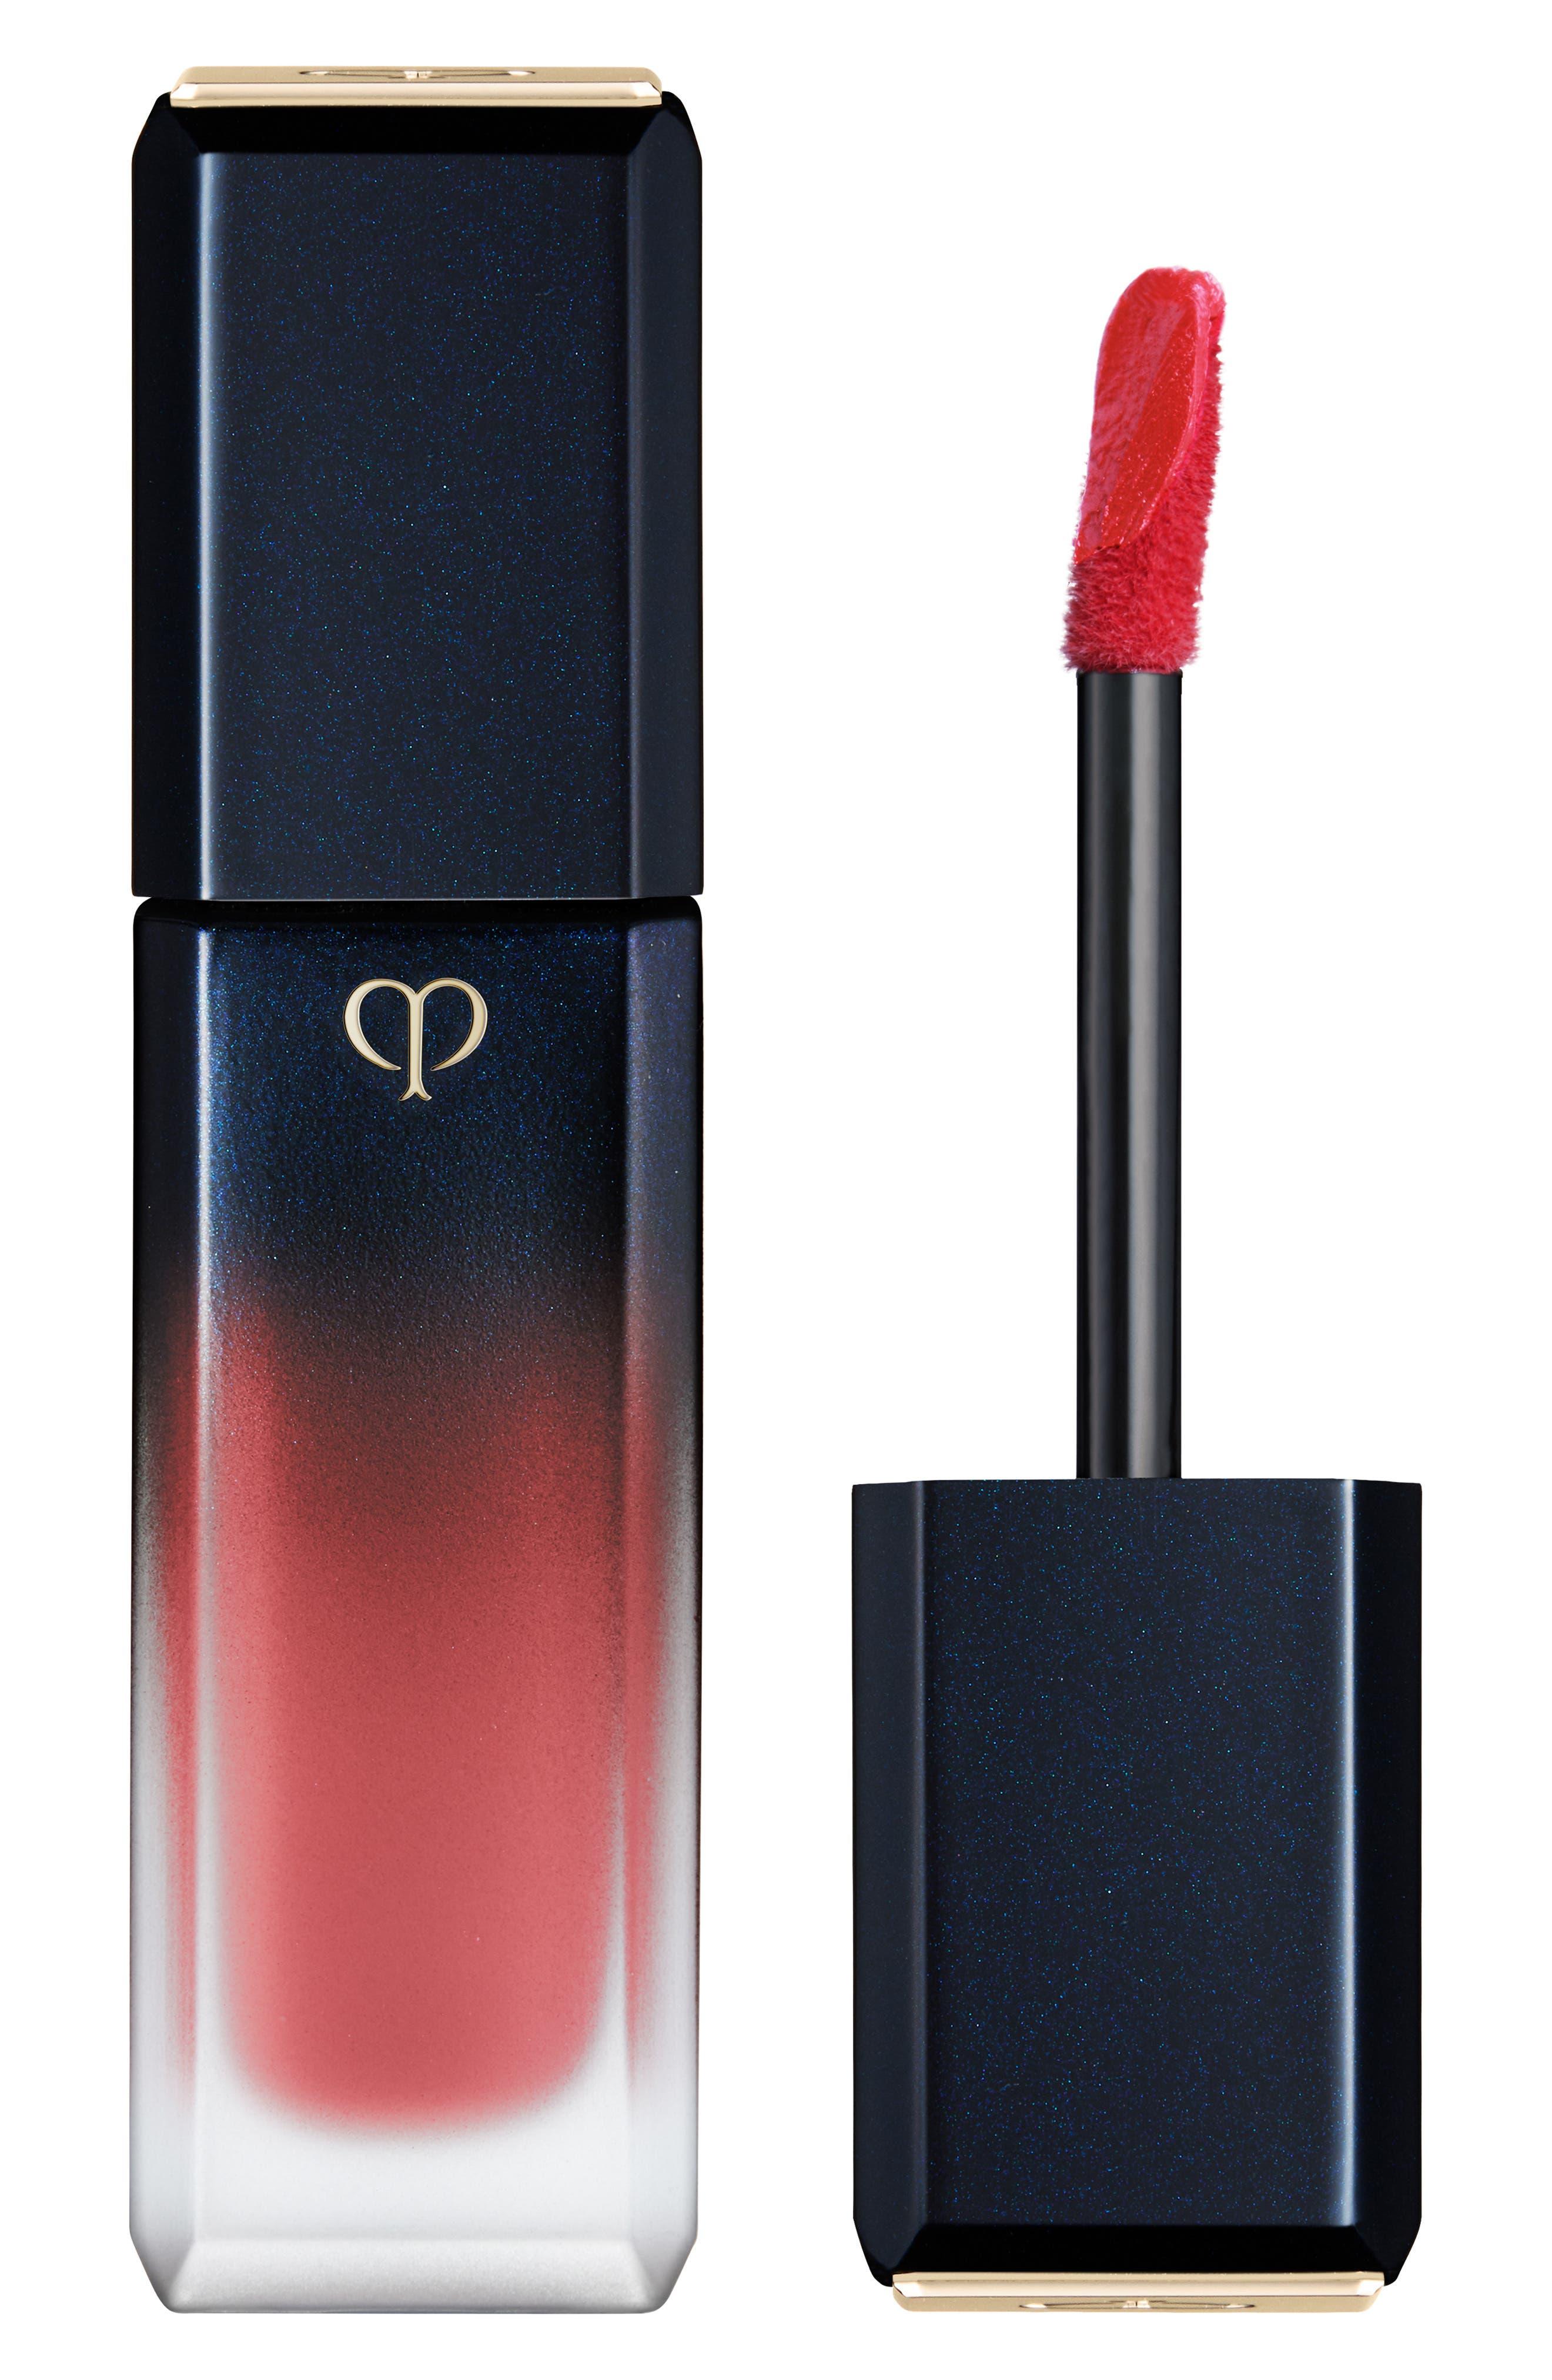 Radiant Liquid Rouge Matte Lipstick